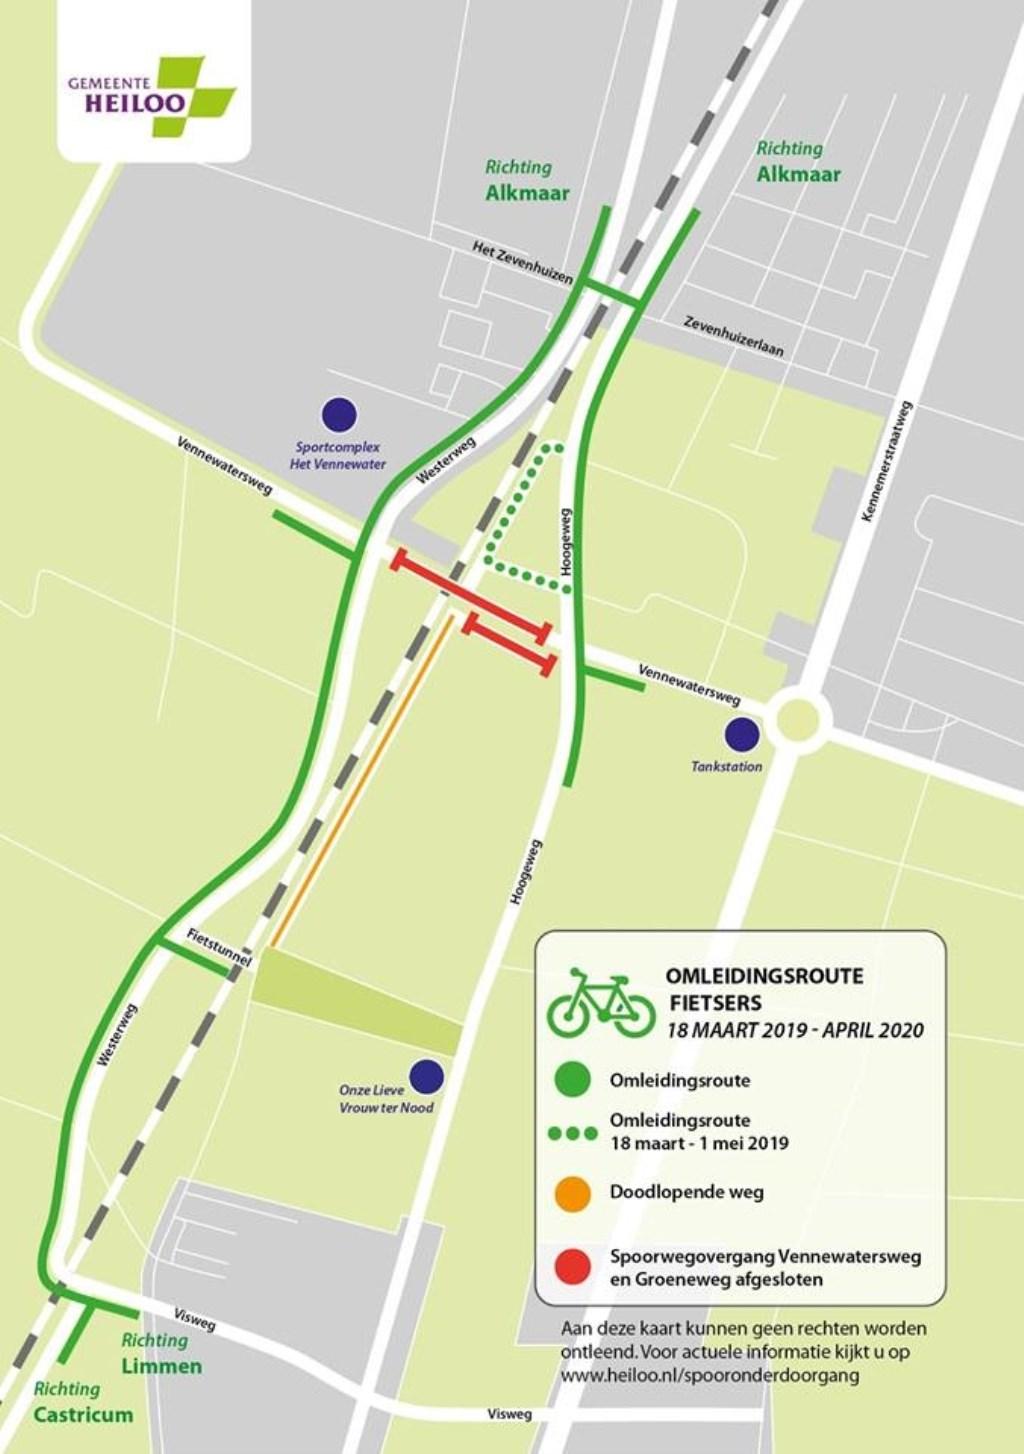 Omleidingsroute fietsers 18 maart 2019 - april 2020 Foto: Gemeente Heiloo © Uitkijkpost Media B.v.